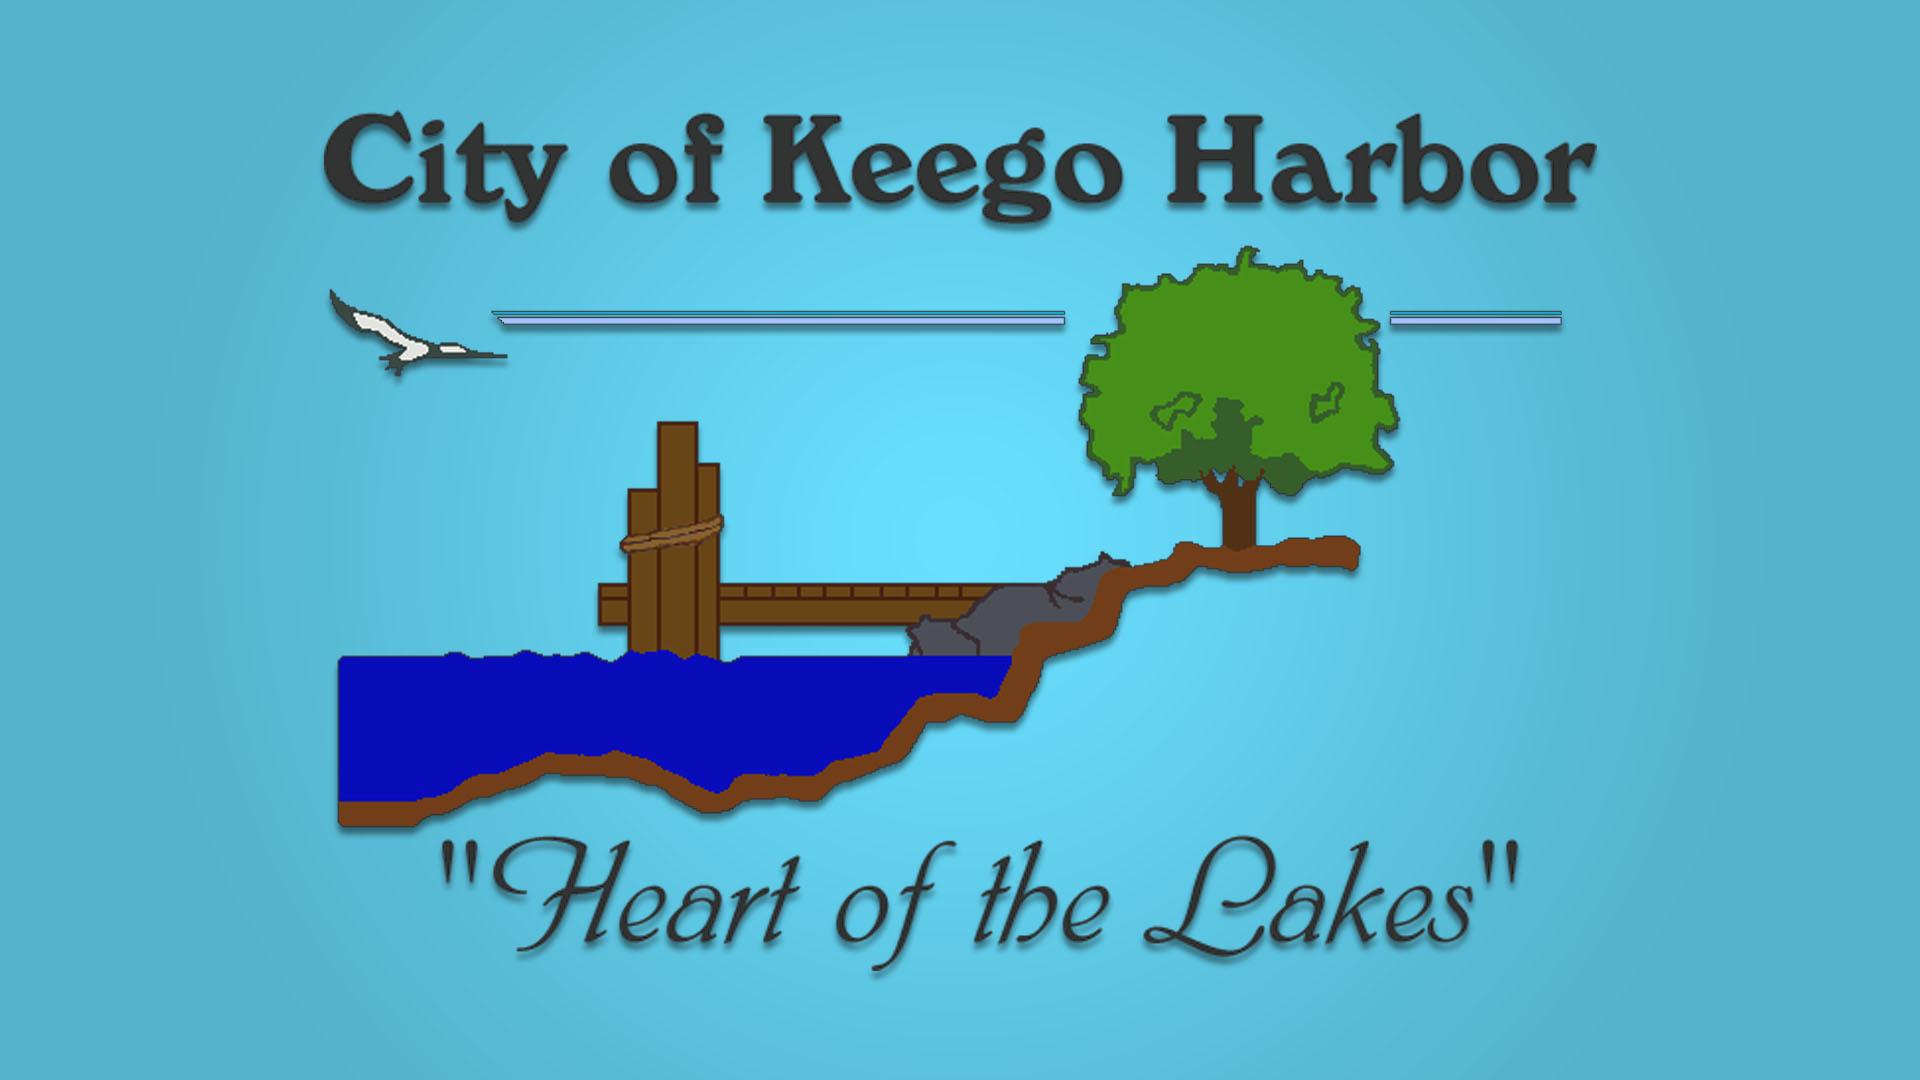 Keego Harbor